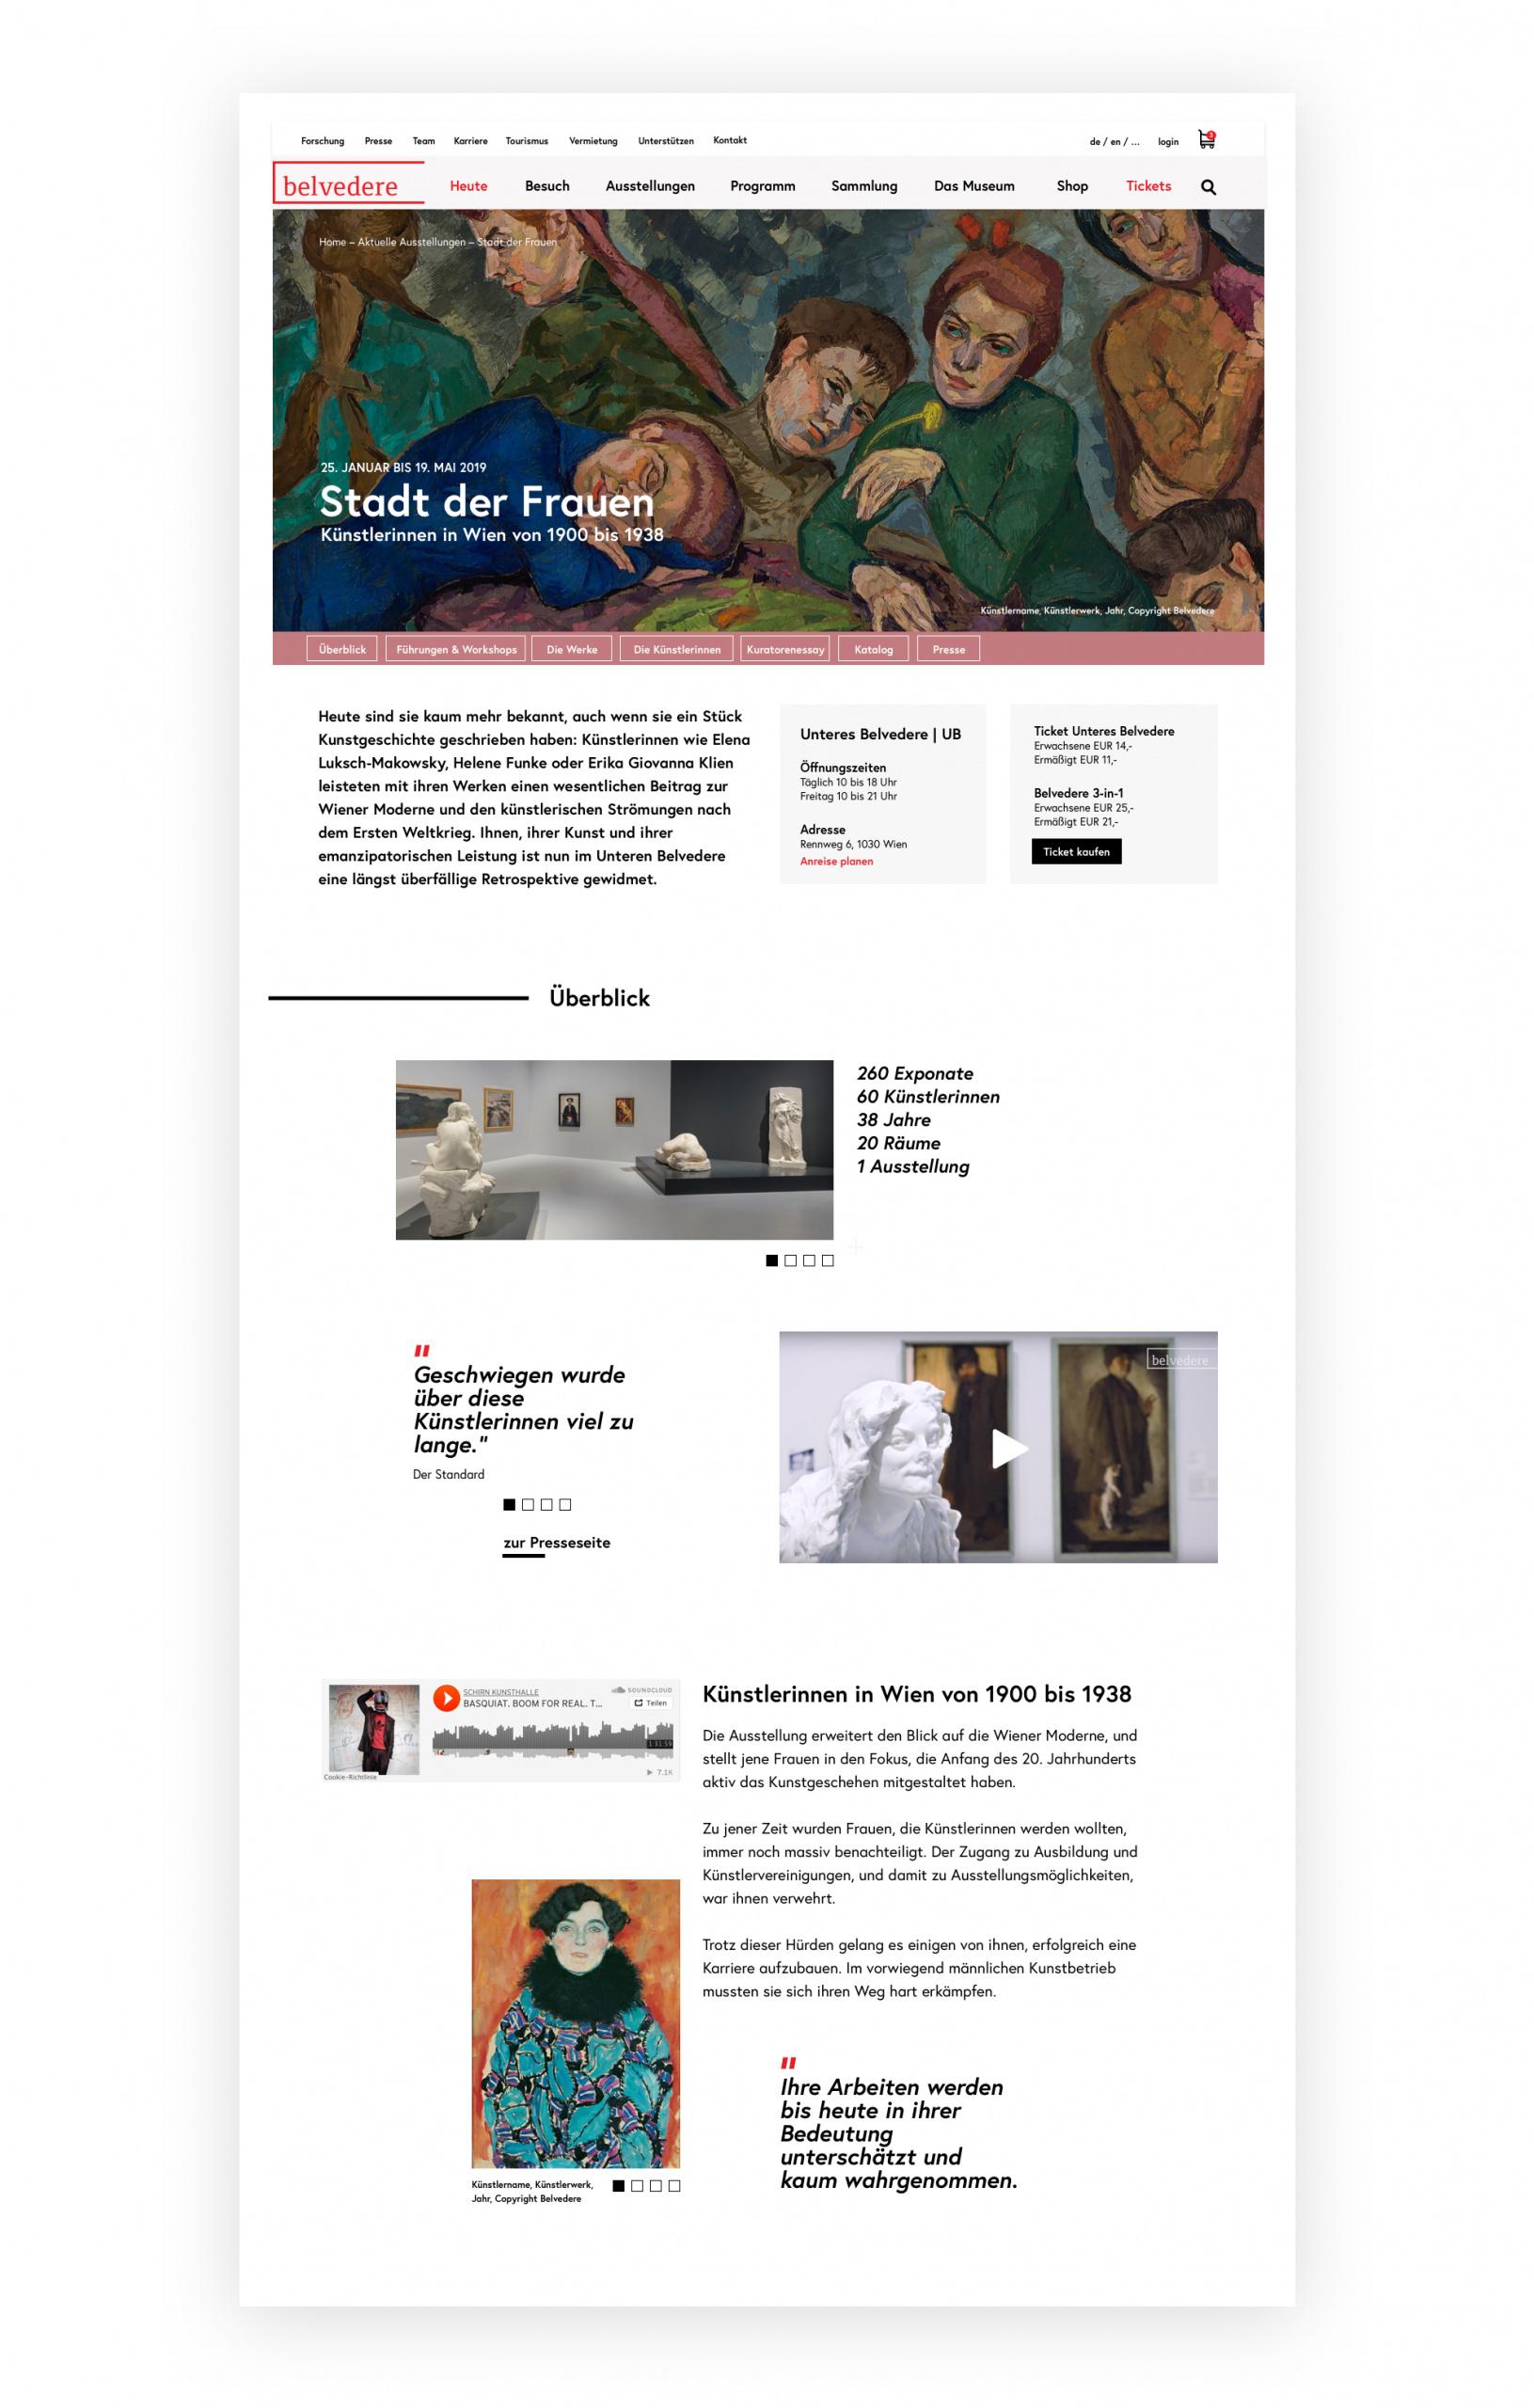 """Screenshot einer Ausstellungsseite am Beispiel """"Stadt der Frauen"""" mit Informationen zu den darin enthaltenen Ausstellungsstücken und KünstlerInnen."""